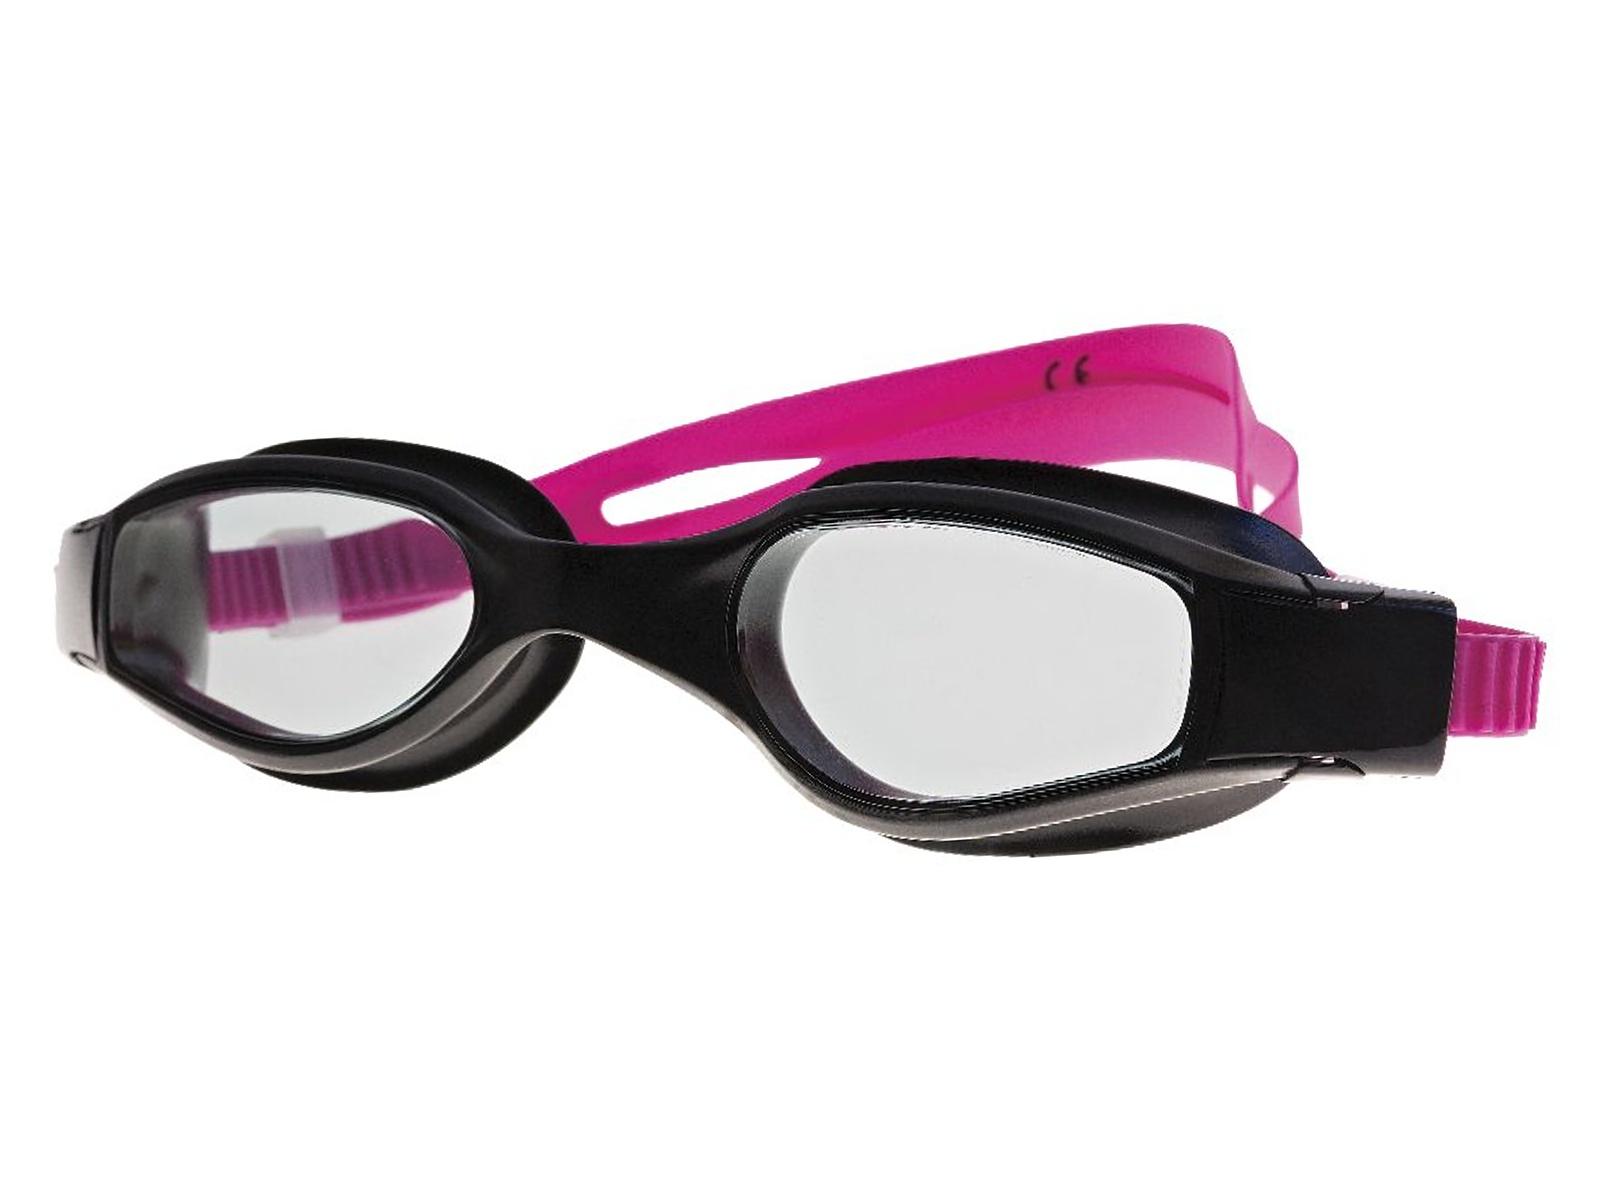 Plavecké brýle SPOKEY Zoom - růžové